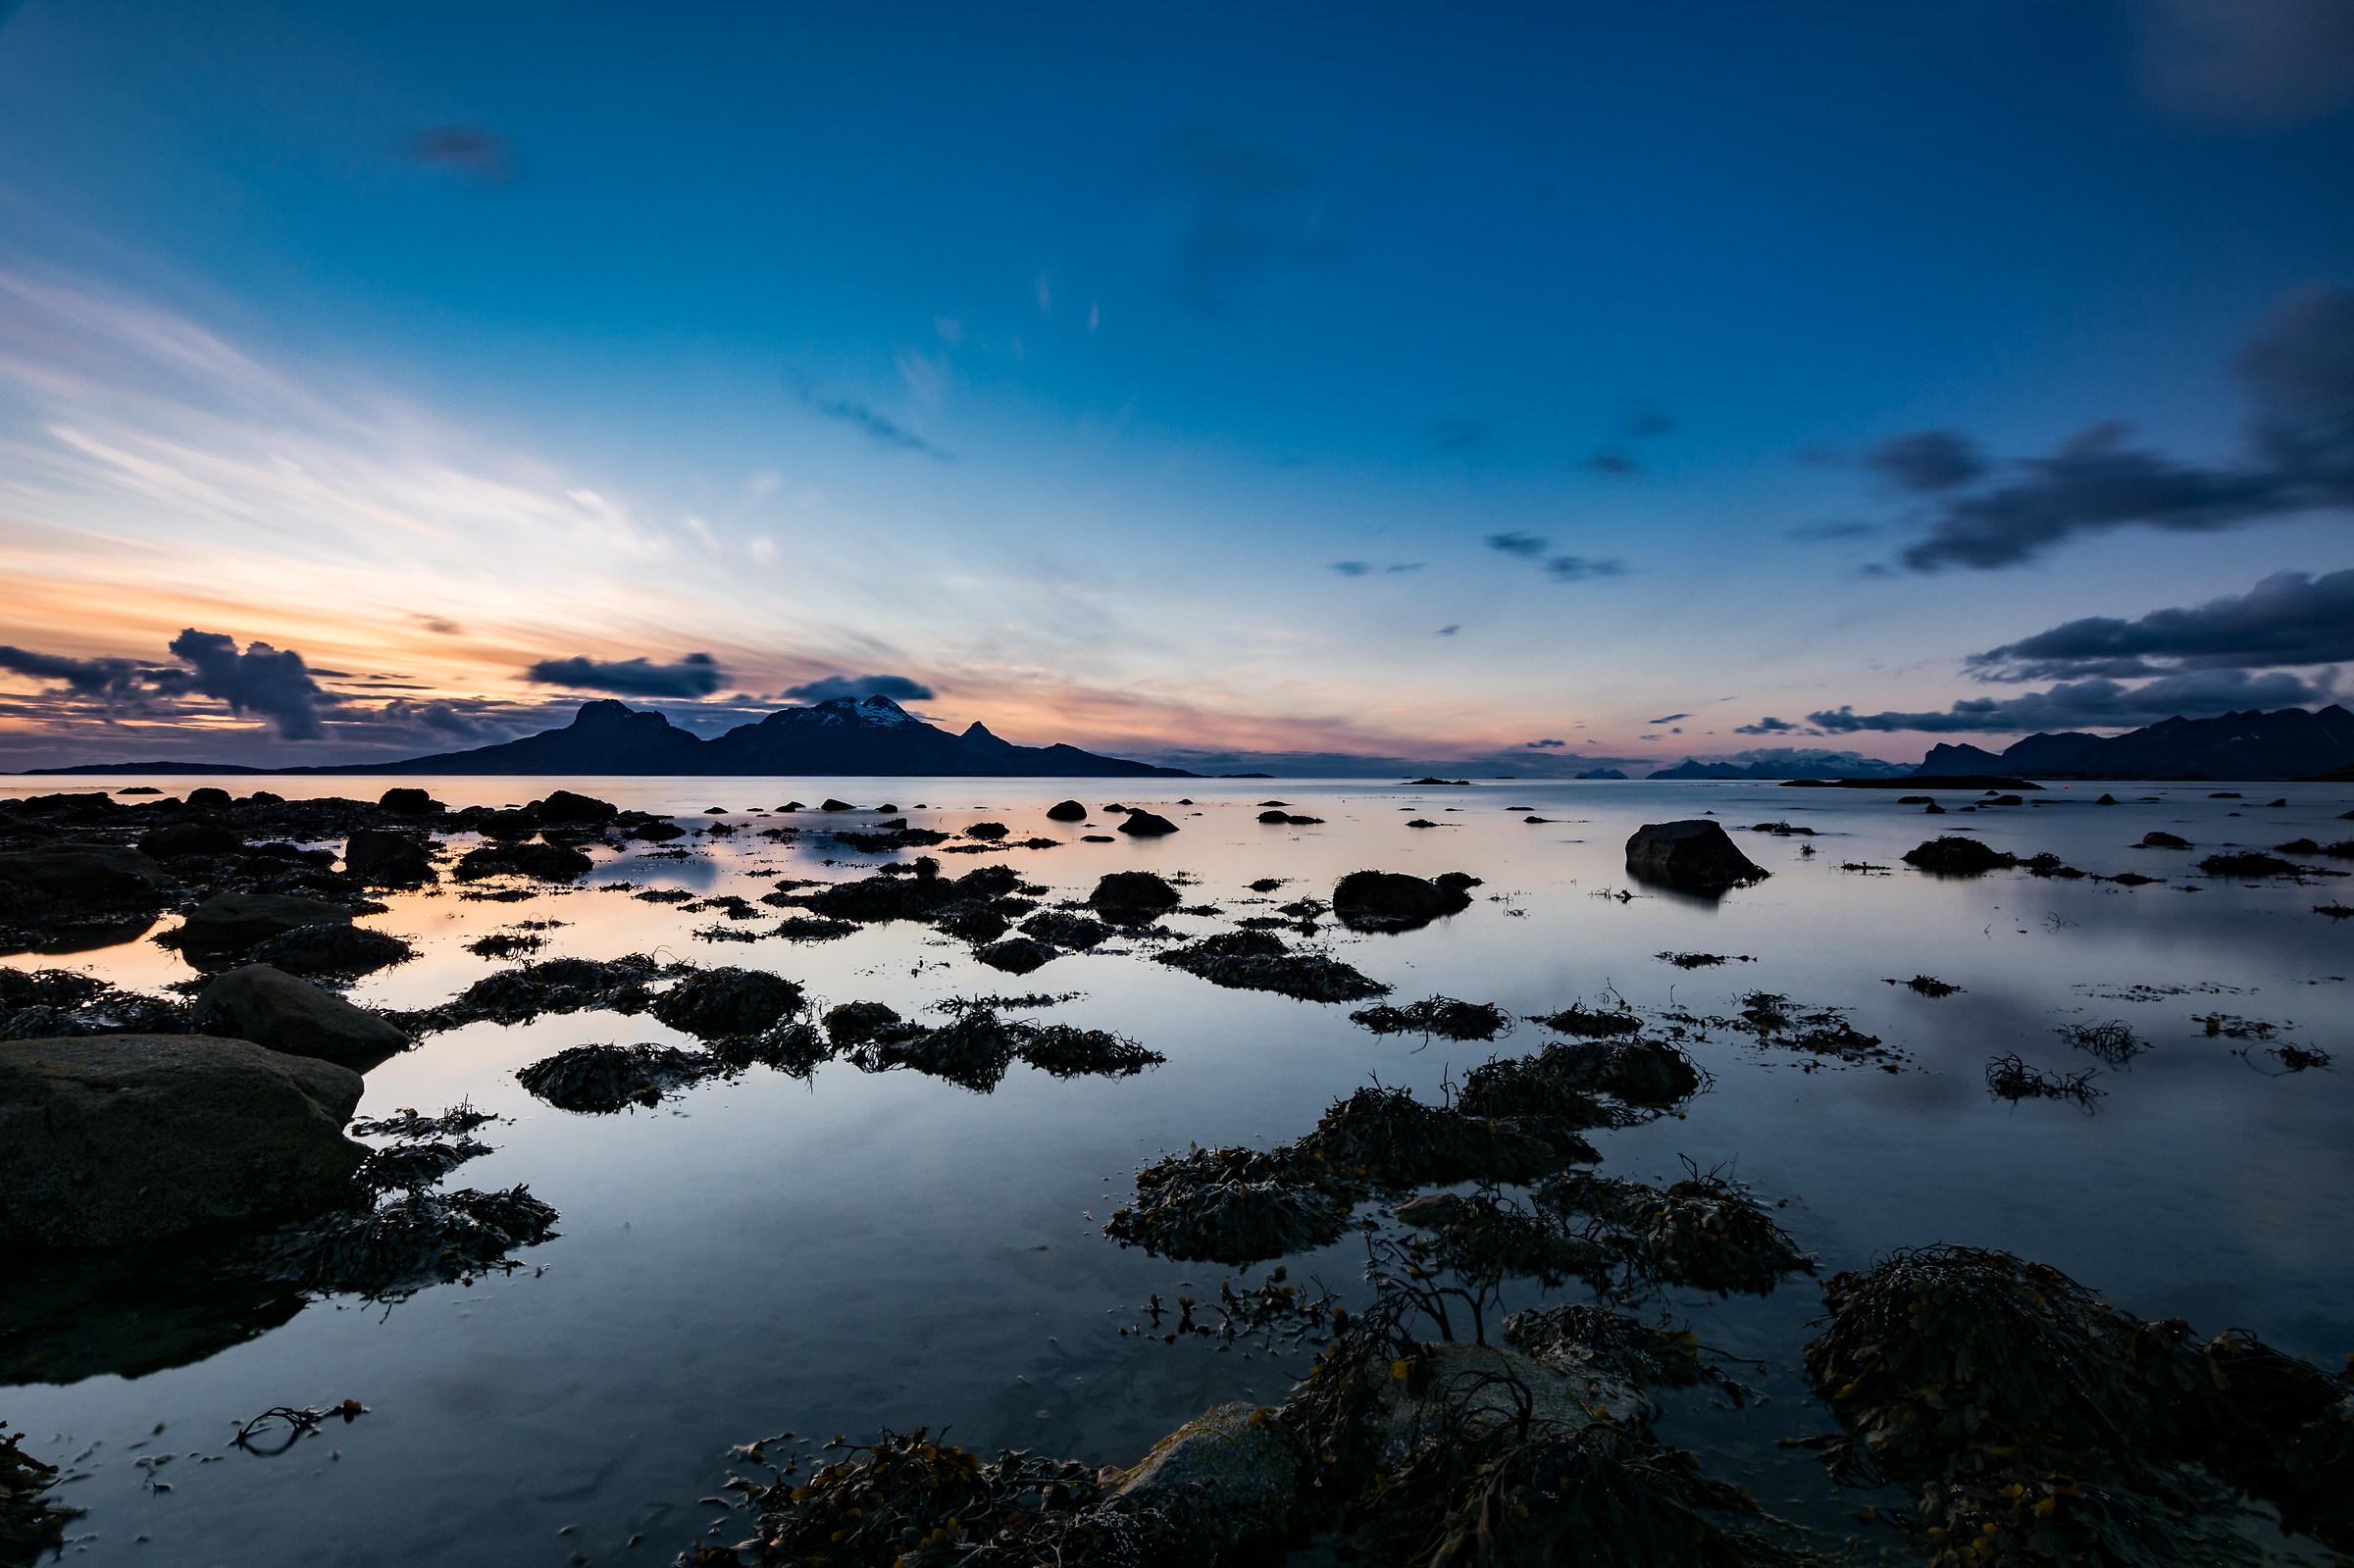 Spiaggia di Vikran - Skivika - Norvegia 2016...